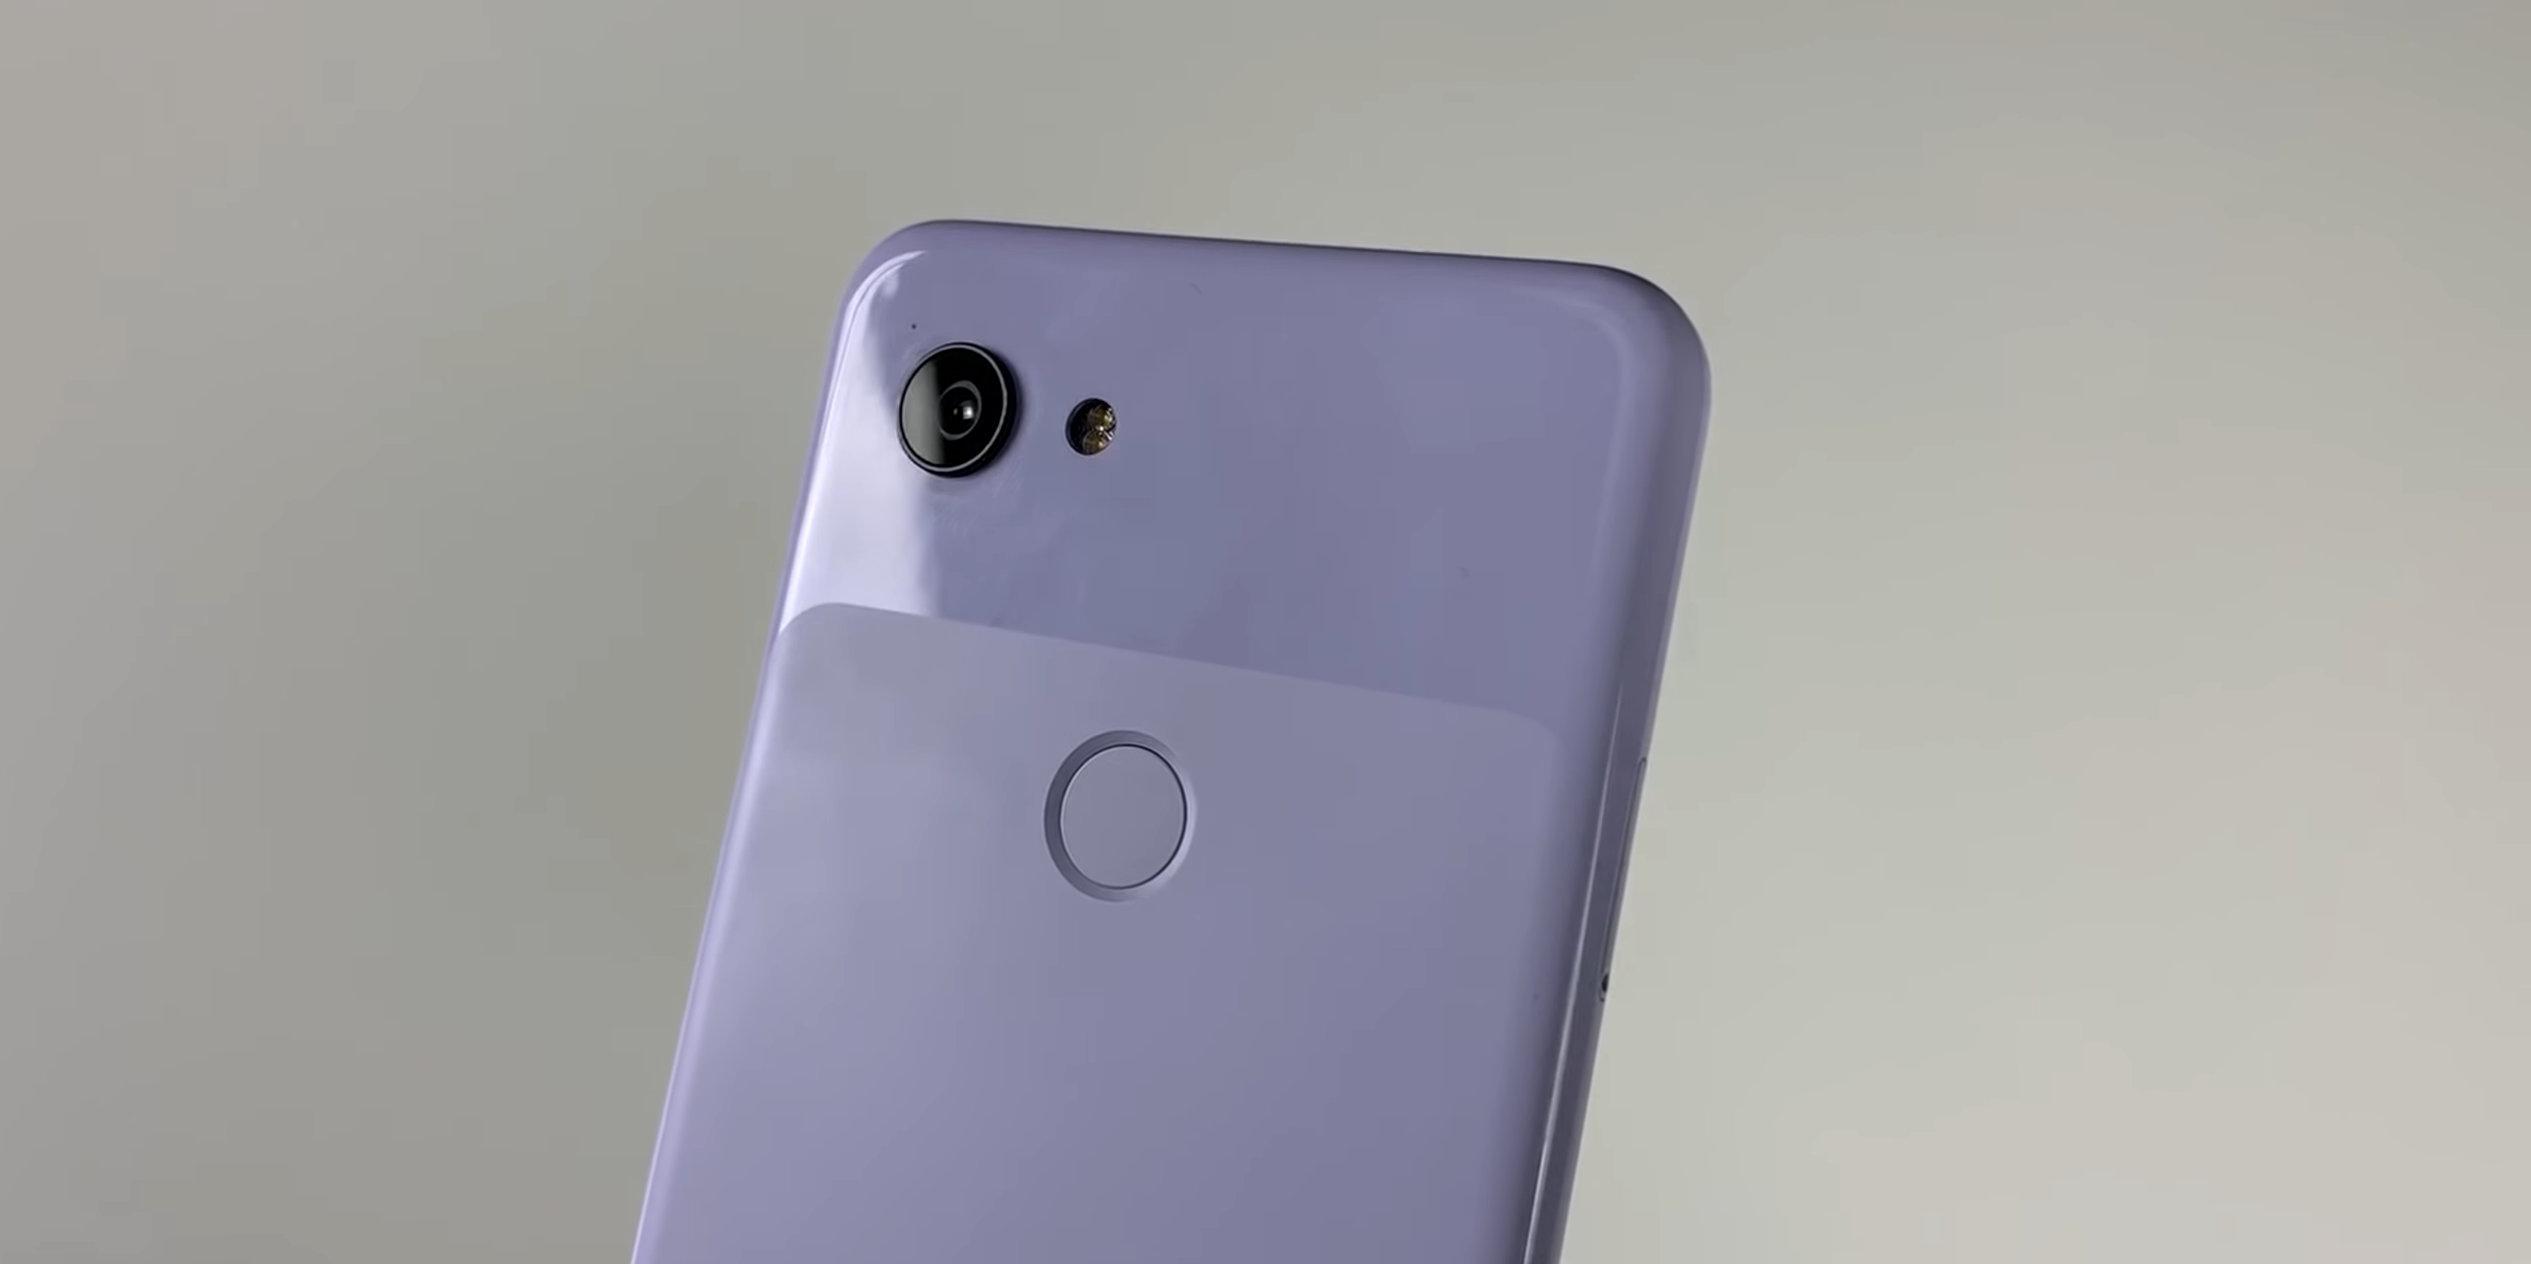 Le Google Pixel 3 Lite serait vendu moins cher que l'iPhone XR